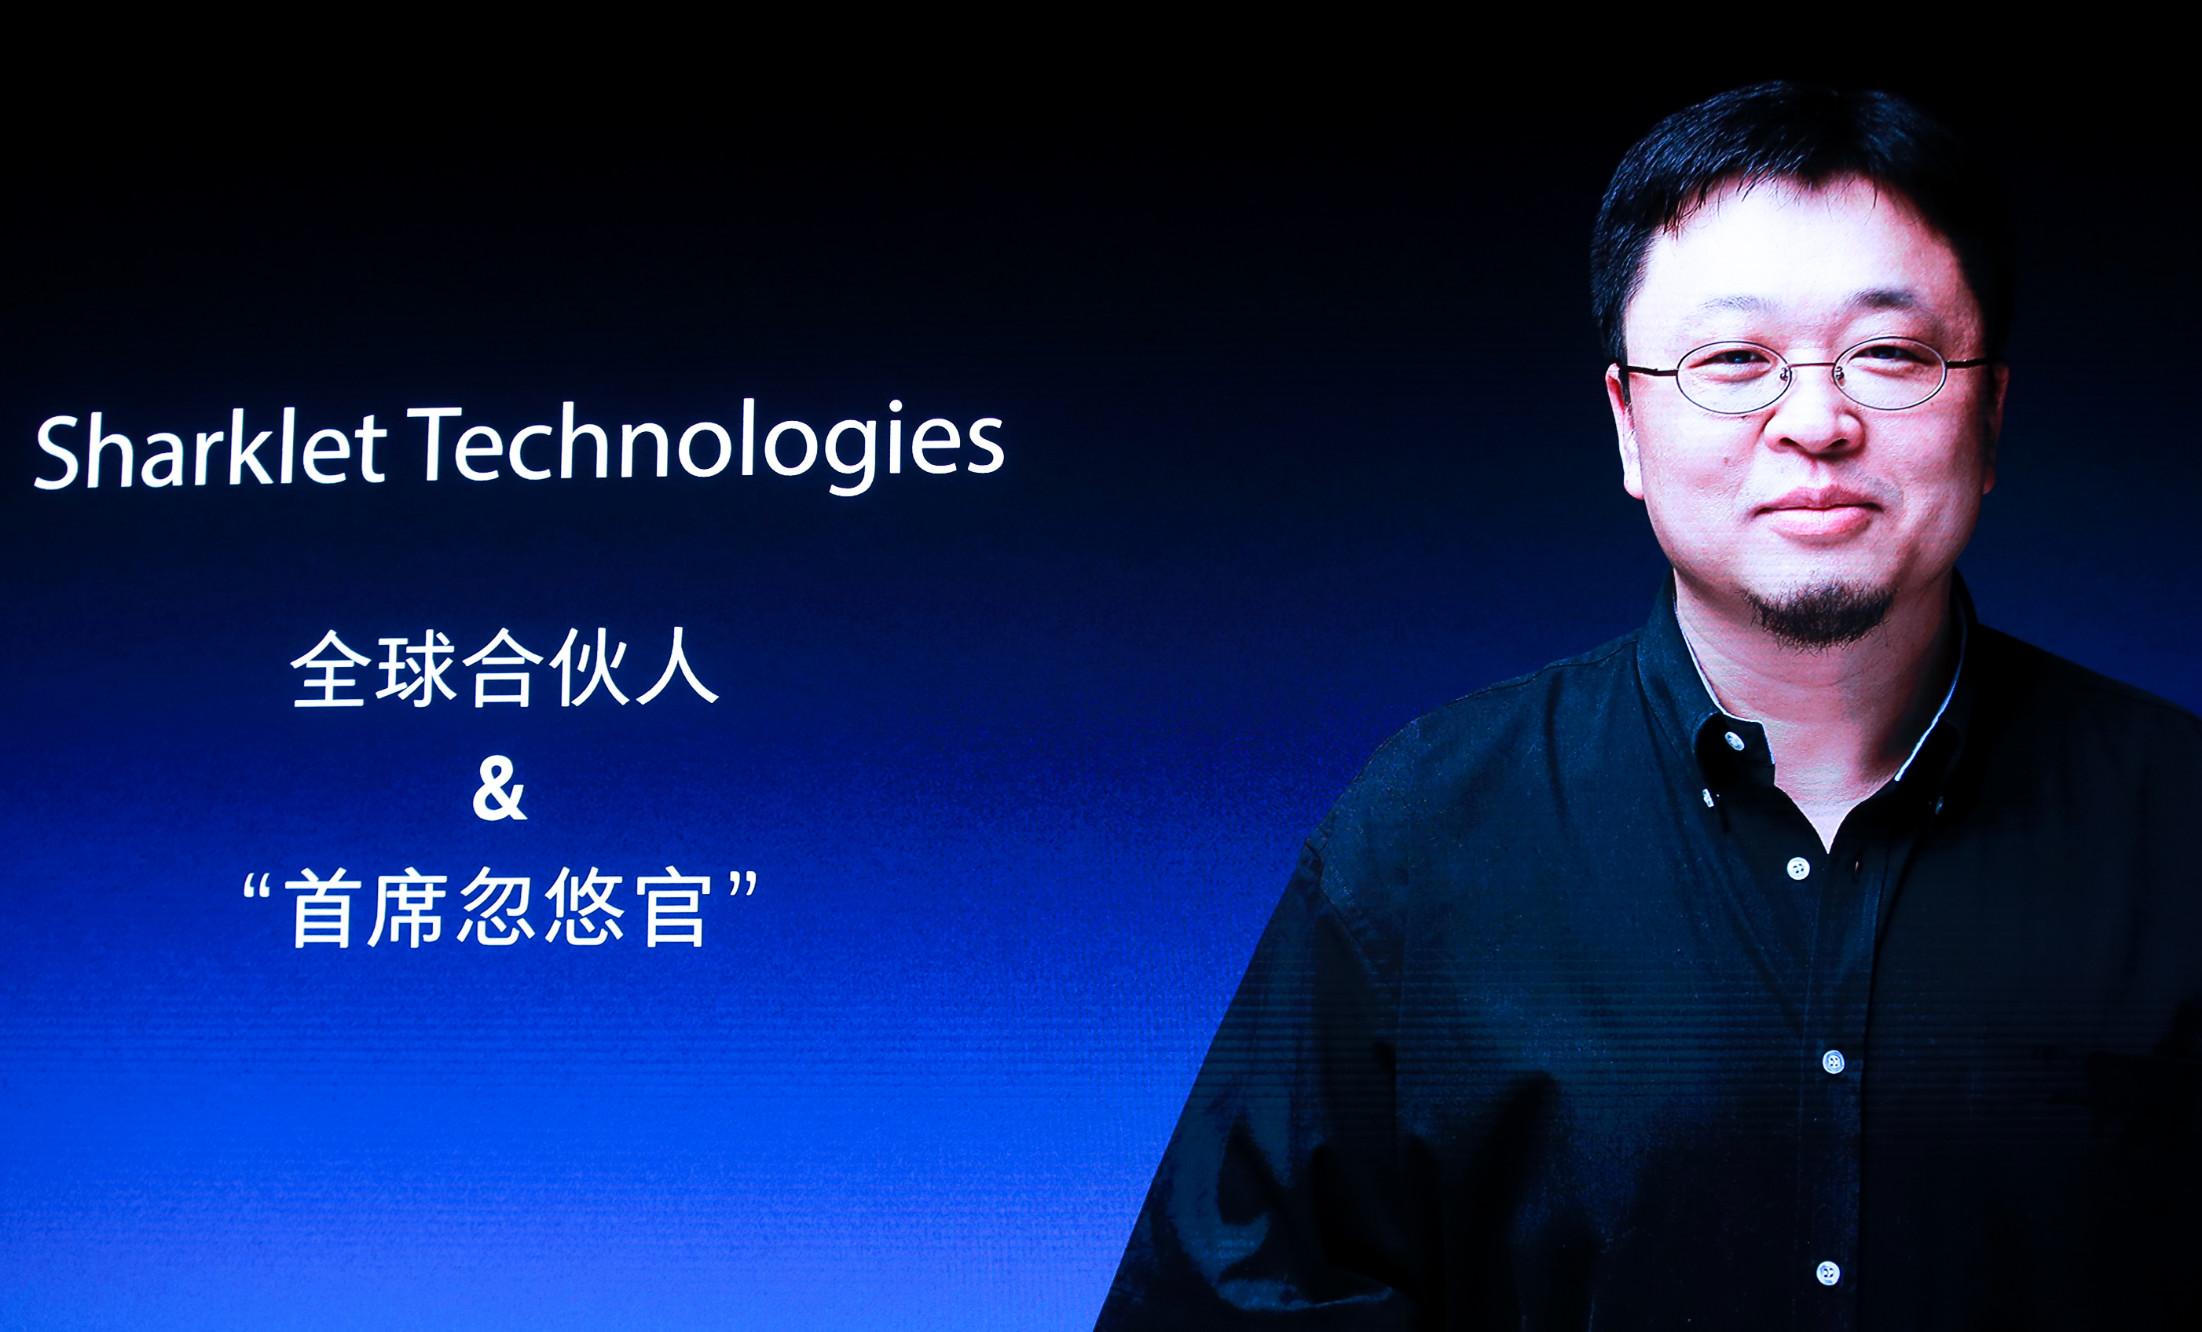 """罗永浩再创业 罗永浩的""""黑科技""""究竟是什么?"""